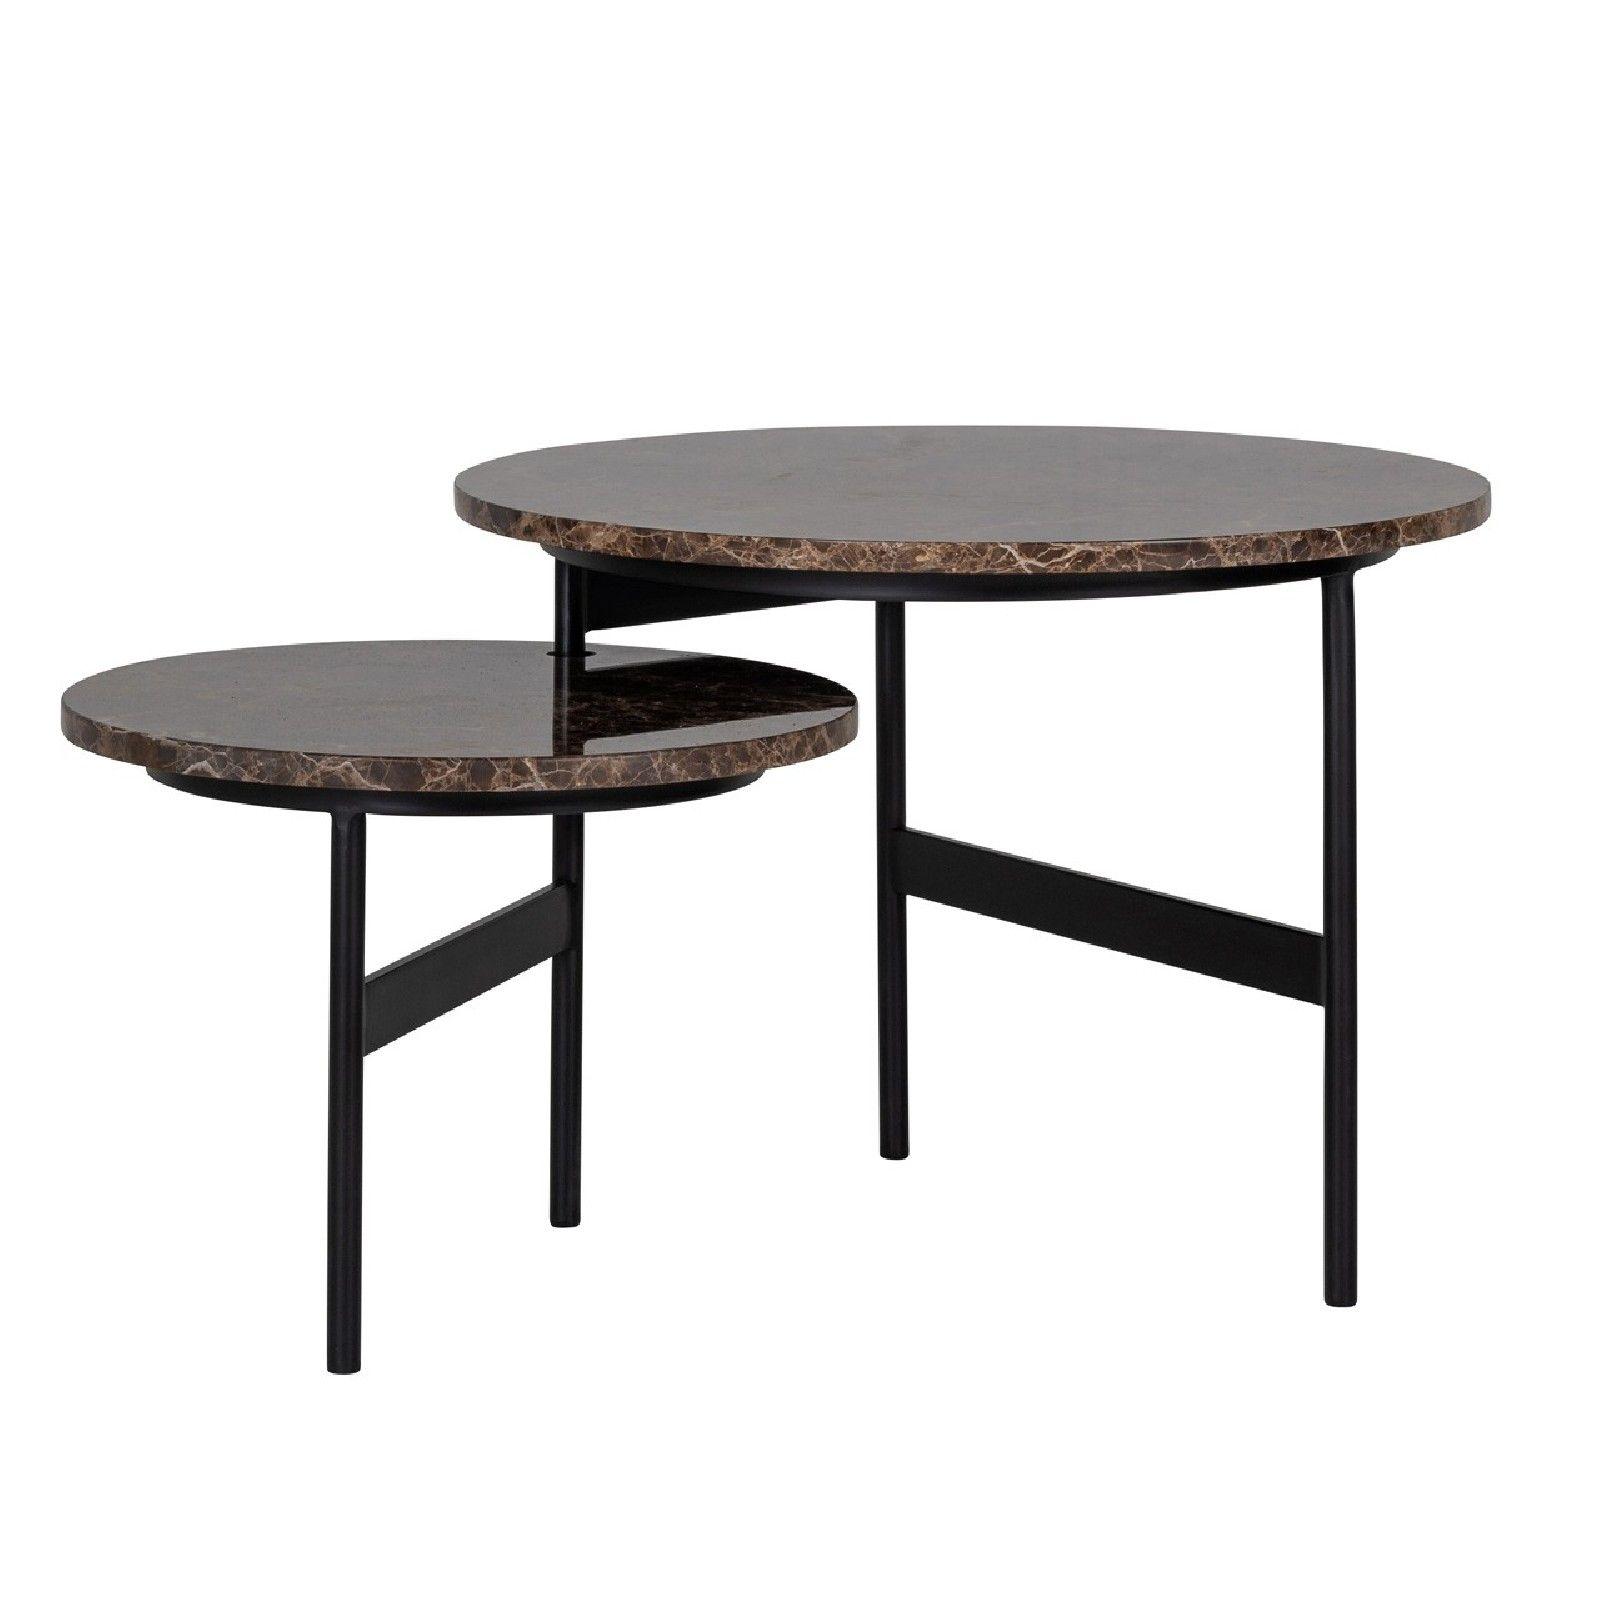 """Table basse ronde - 2 plateaux rotatifs - Fer et marbre brun empereur """"Dalton"""" Tables basses rectangulaires - 816"""